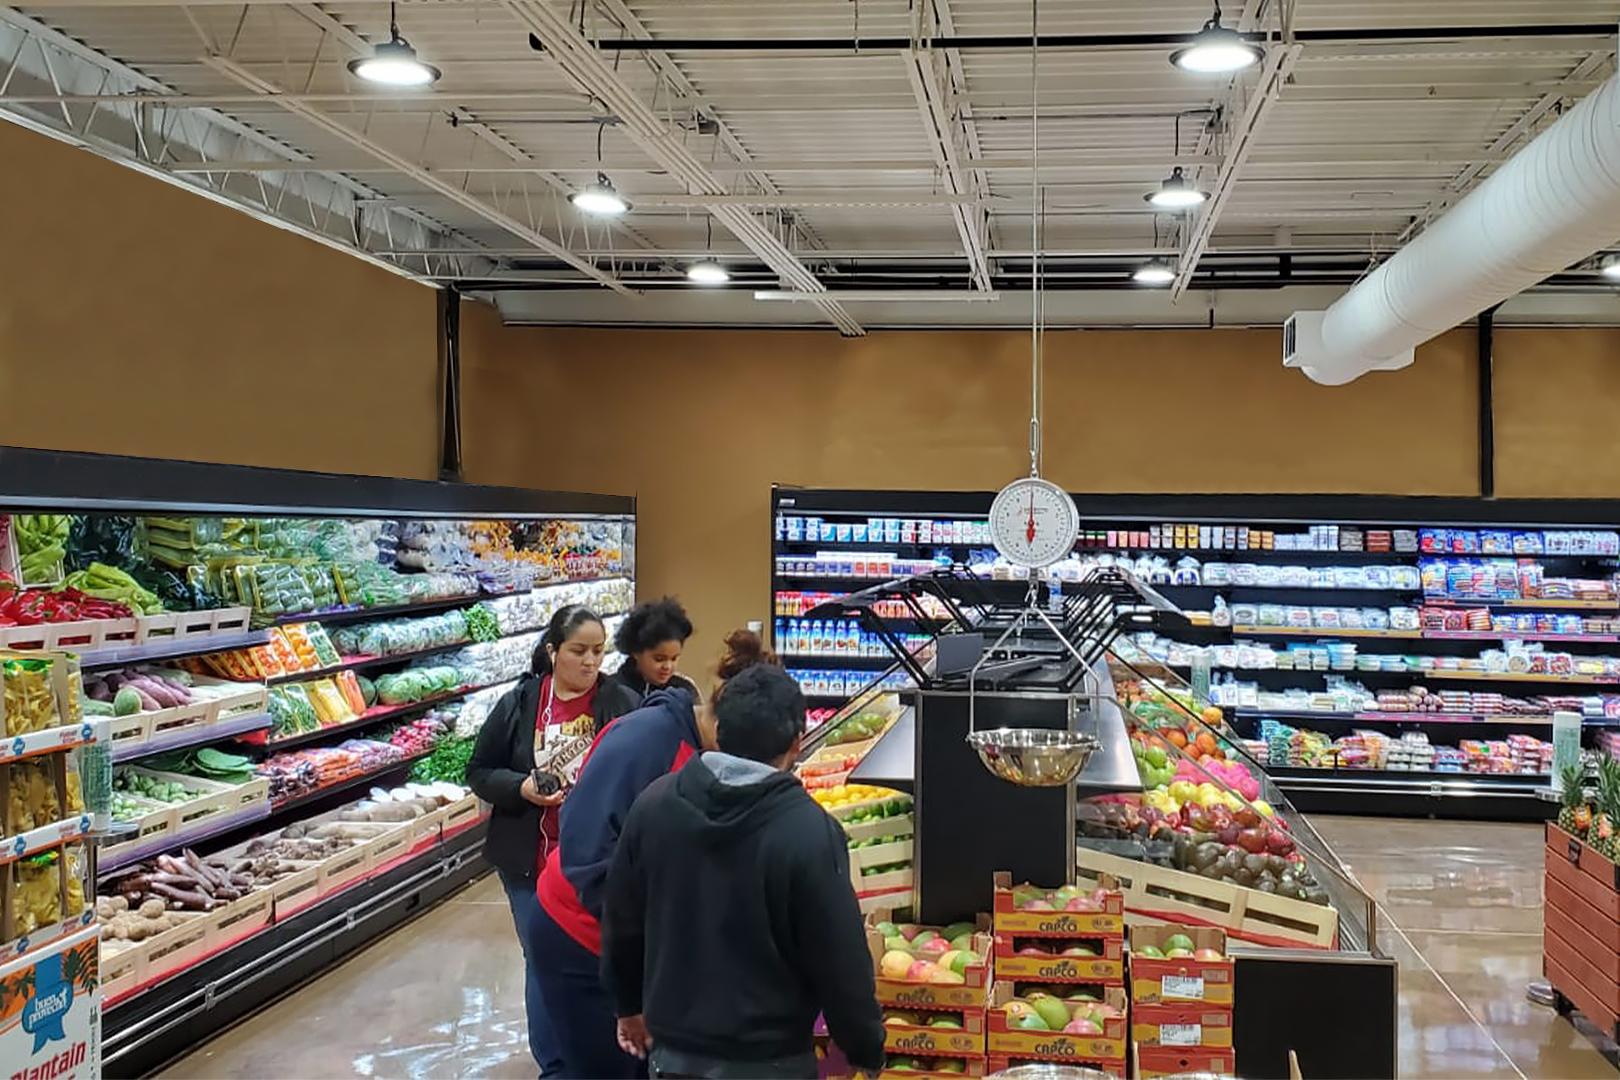 Специализированные витрины для продажи овощей и фруктов Missouri VF MC 110 VF self 125-DBM, Louisiana FV MV 095 VF О 210-DLM, пристенные витрины Louisiana MV 095 MT О 210-DLM